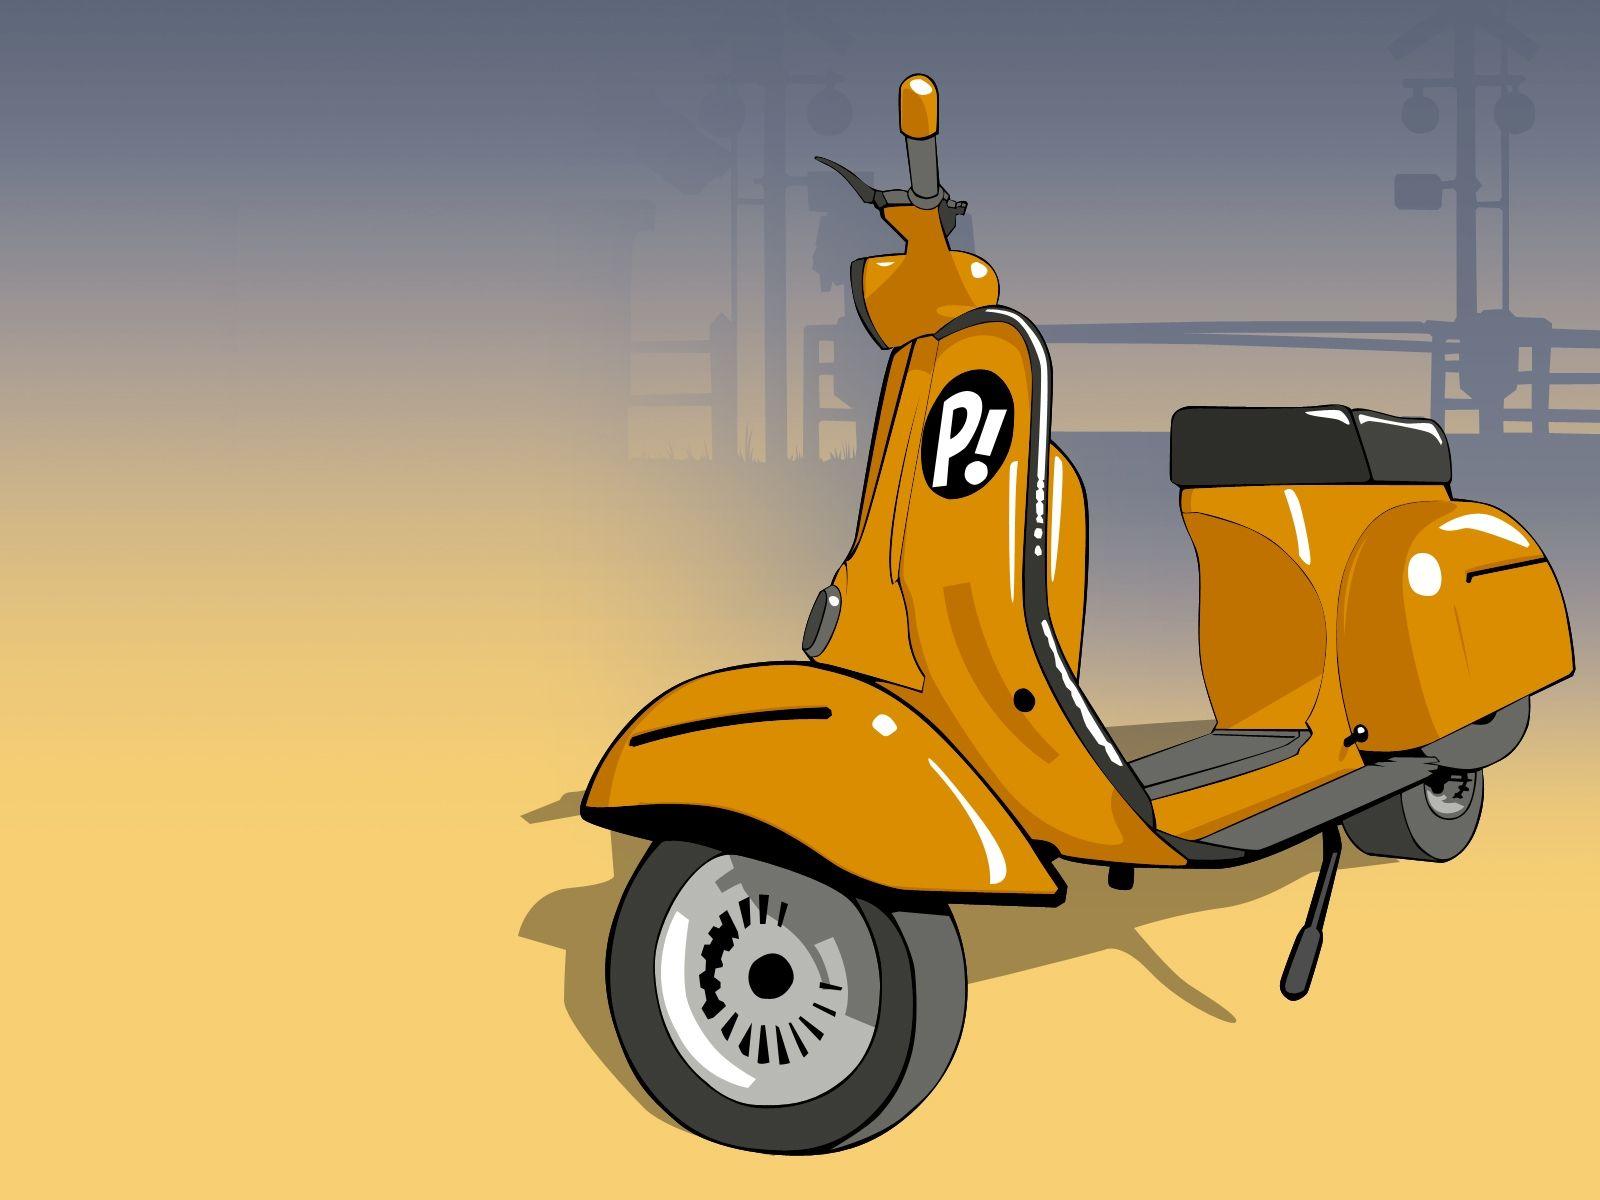 Skeleton Riding A Scooter Dengan Gambar Ilustrasi Karakter